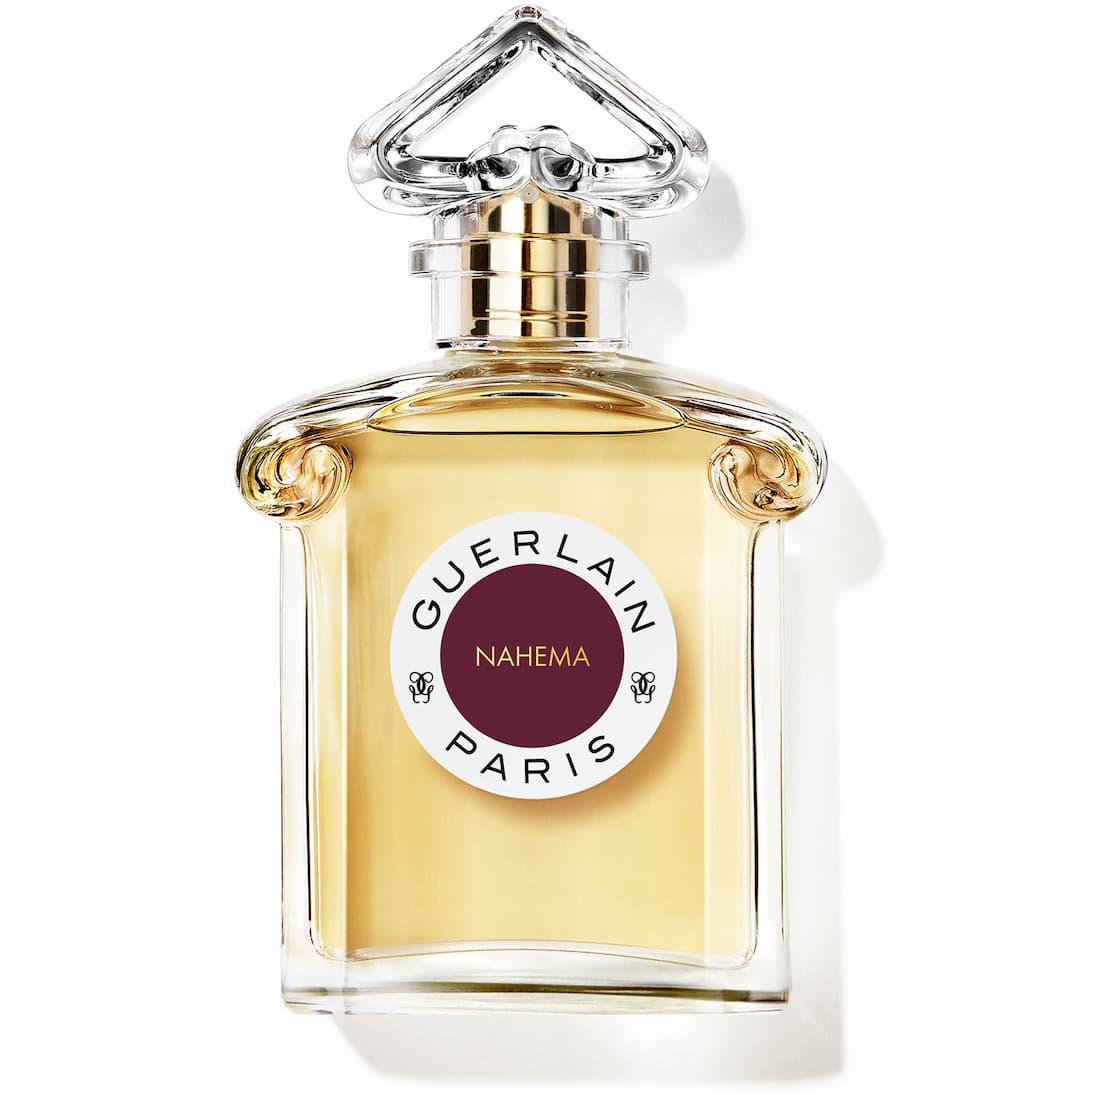 Nahéma Eau de Parfum - GUERLAIN